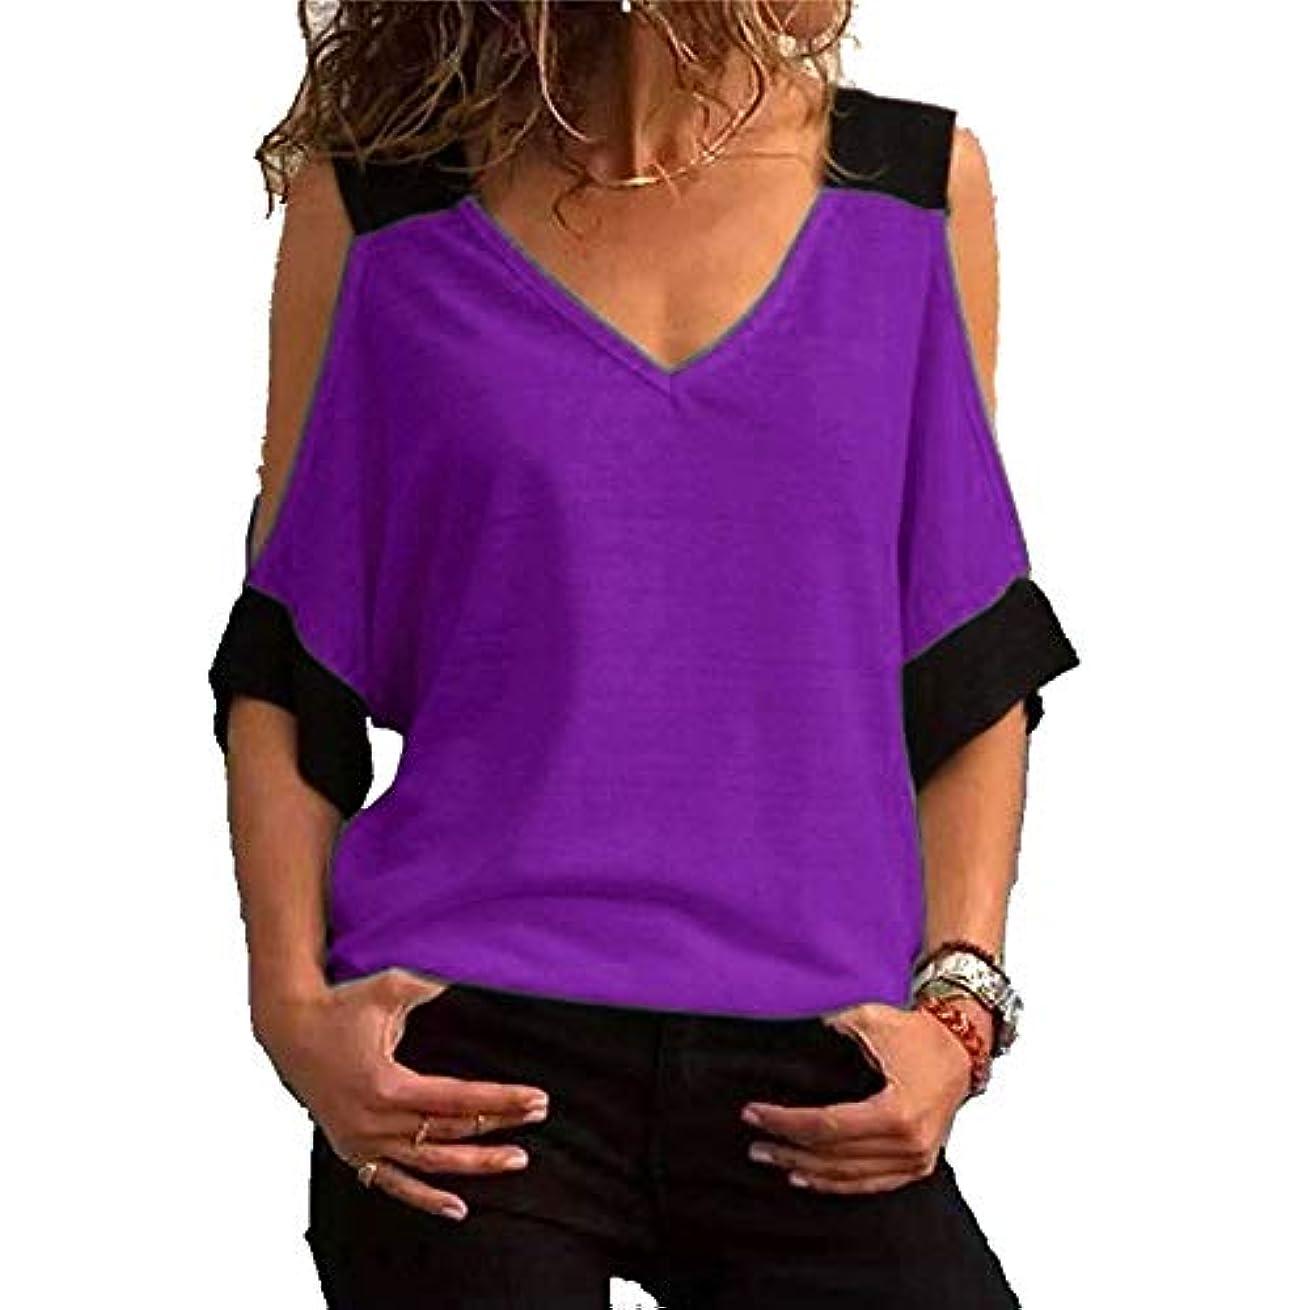 農学減衰トラックMIFAN女性ファッションカジュアルトップス女性ショルダーブラウスコットンTシャツディープVネック半袖